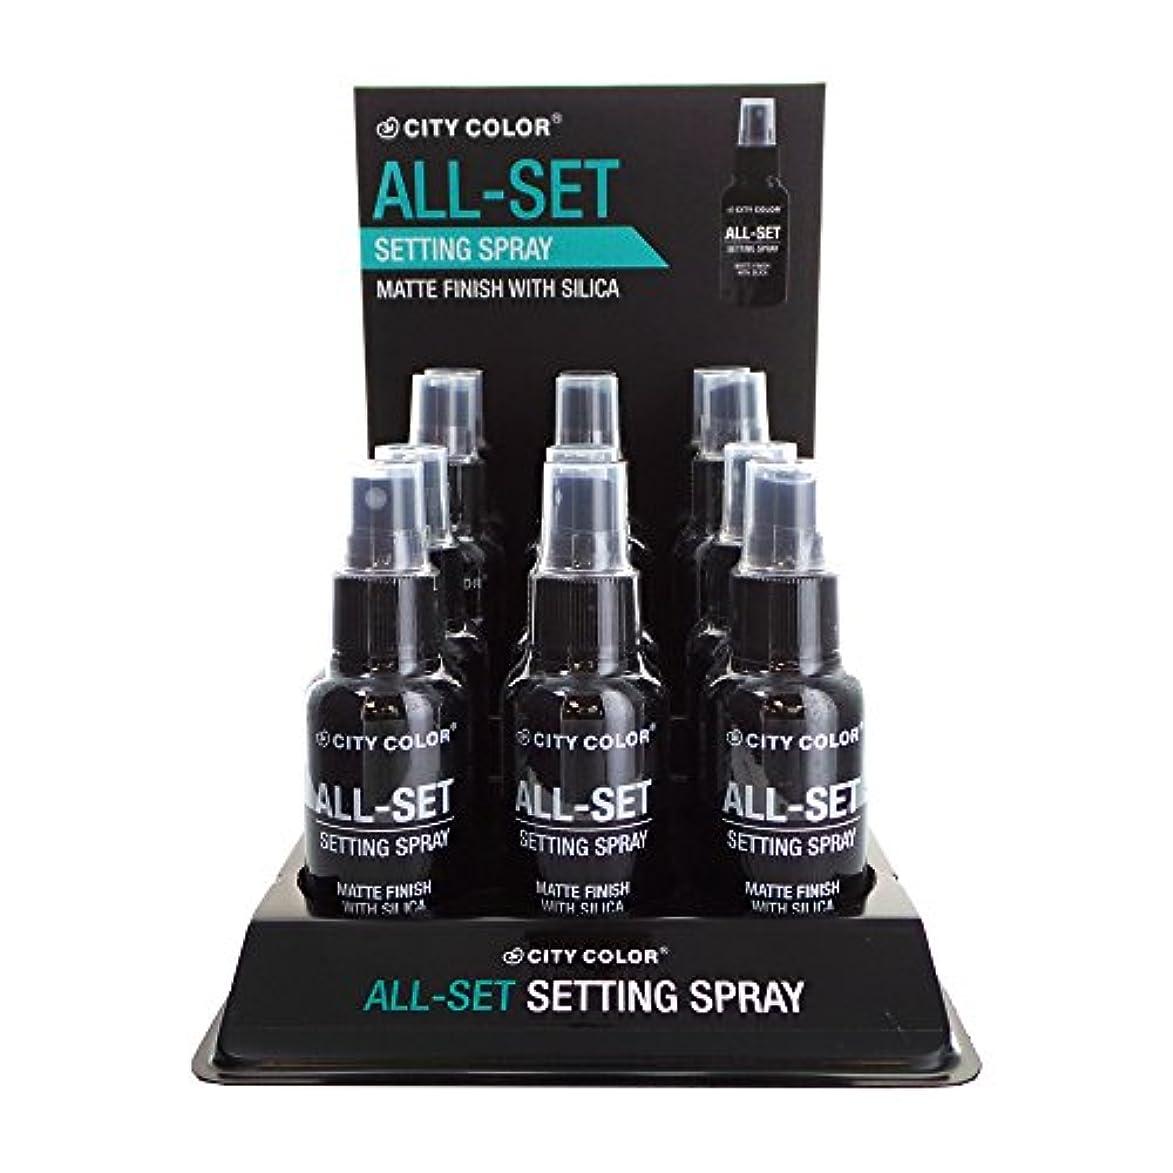 スチュアート島衝撃希少性CITY COLOR All-Set Setting Spray Display Set, 12 Pieces (並行輸入品)